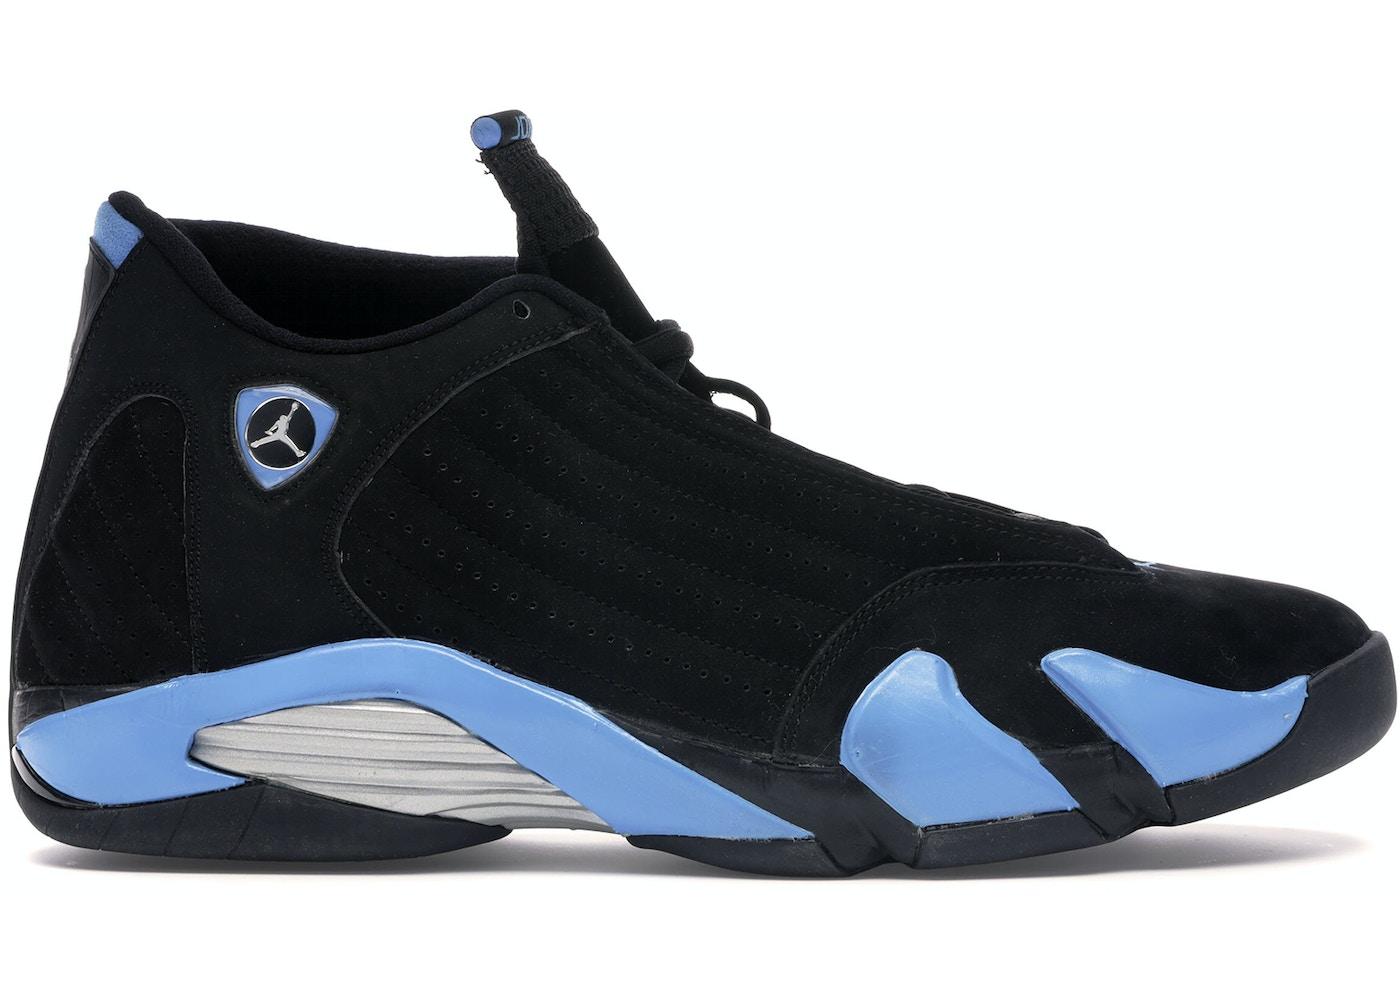 buy popular 2a0ea d8f65 Jordan 14 Retro Black University Blue